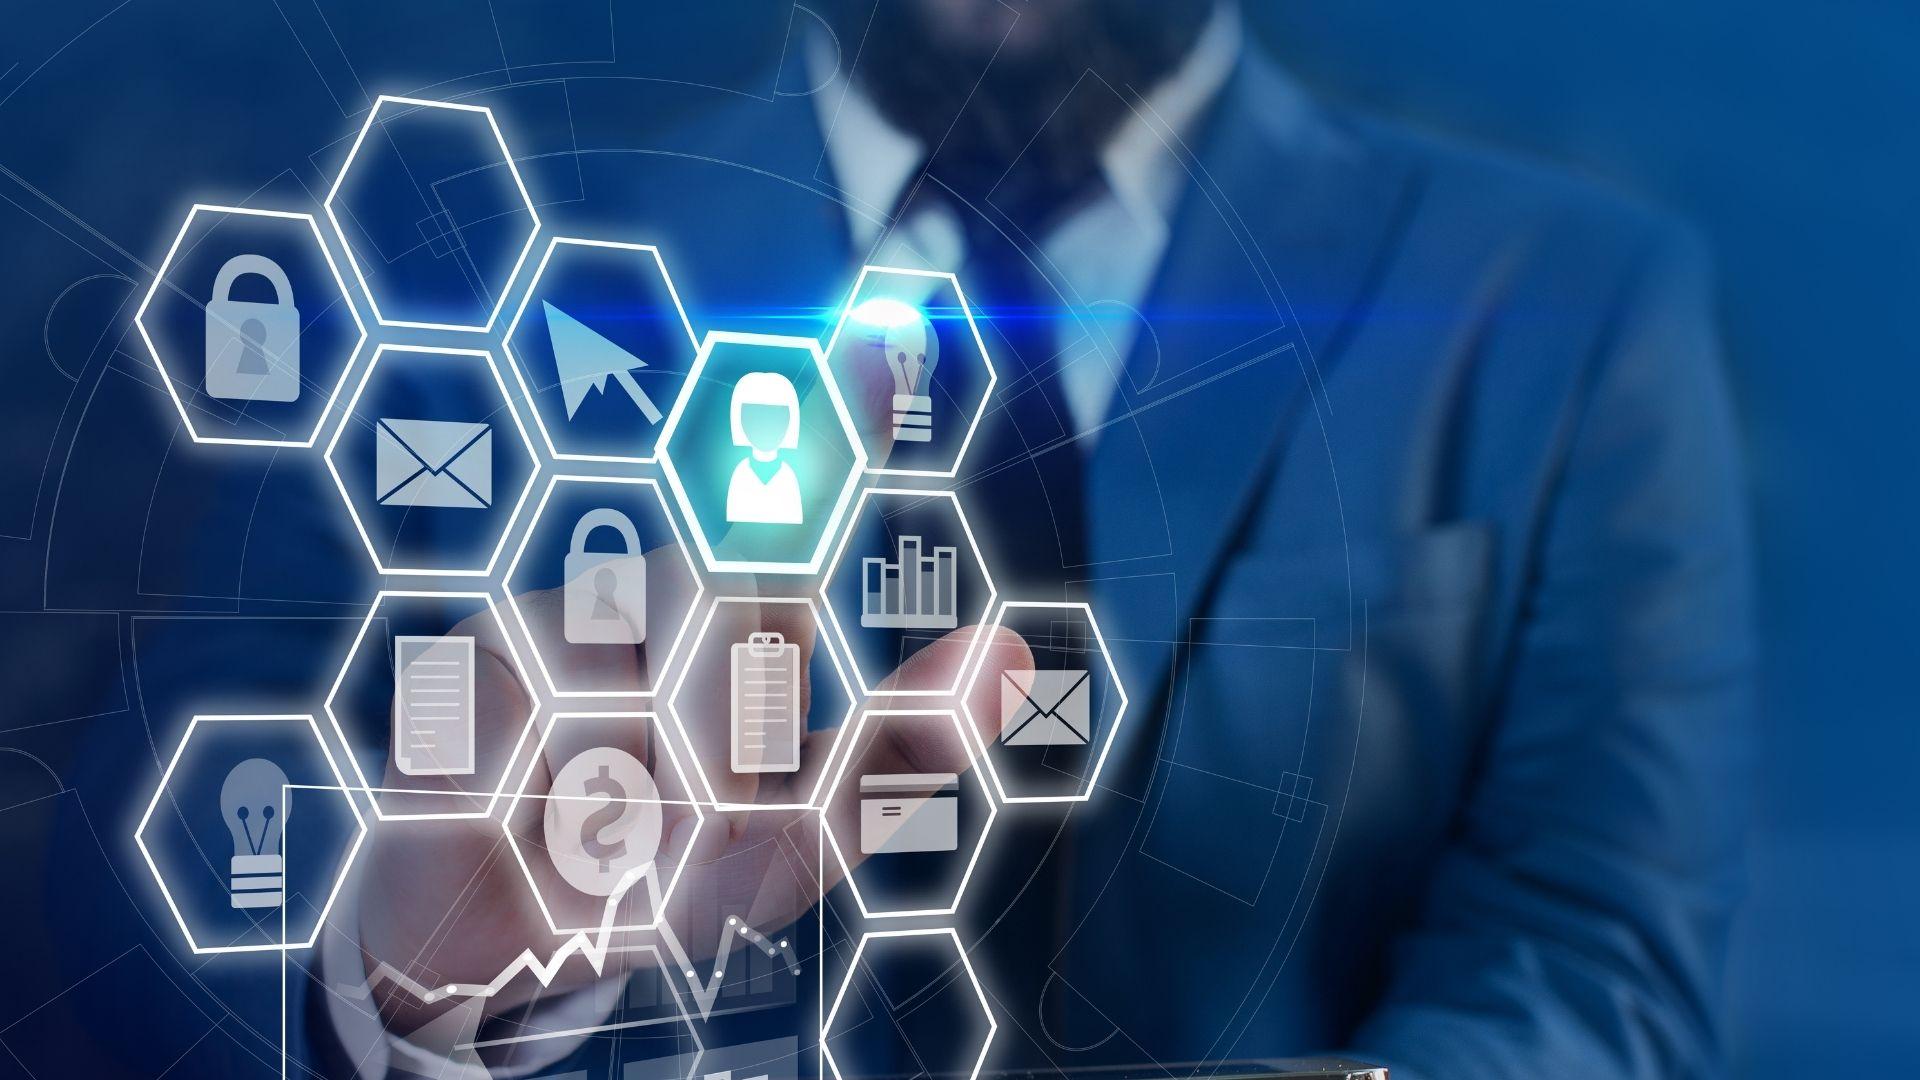 Διοίκηση Επιχειρήσεων_ Πληροφοριακά Συστήματα και Κοινωνικά Δίκτυα